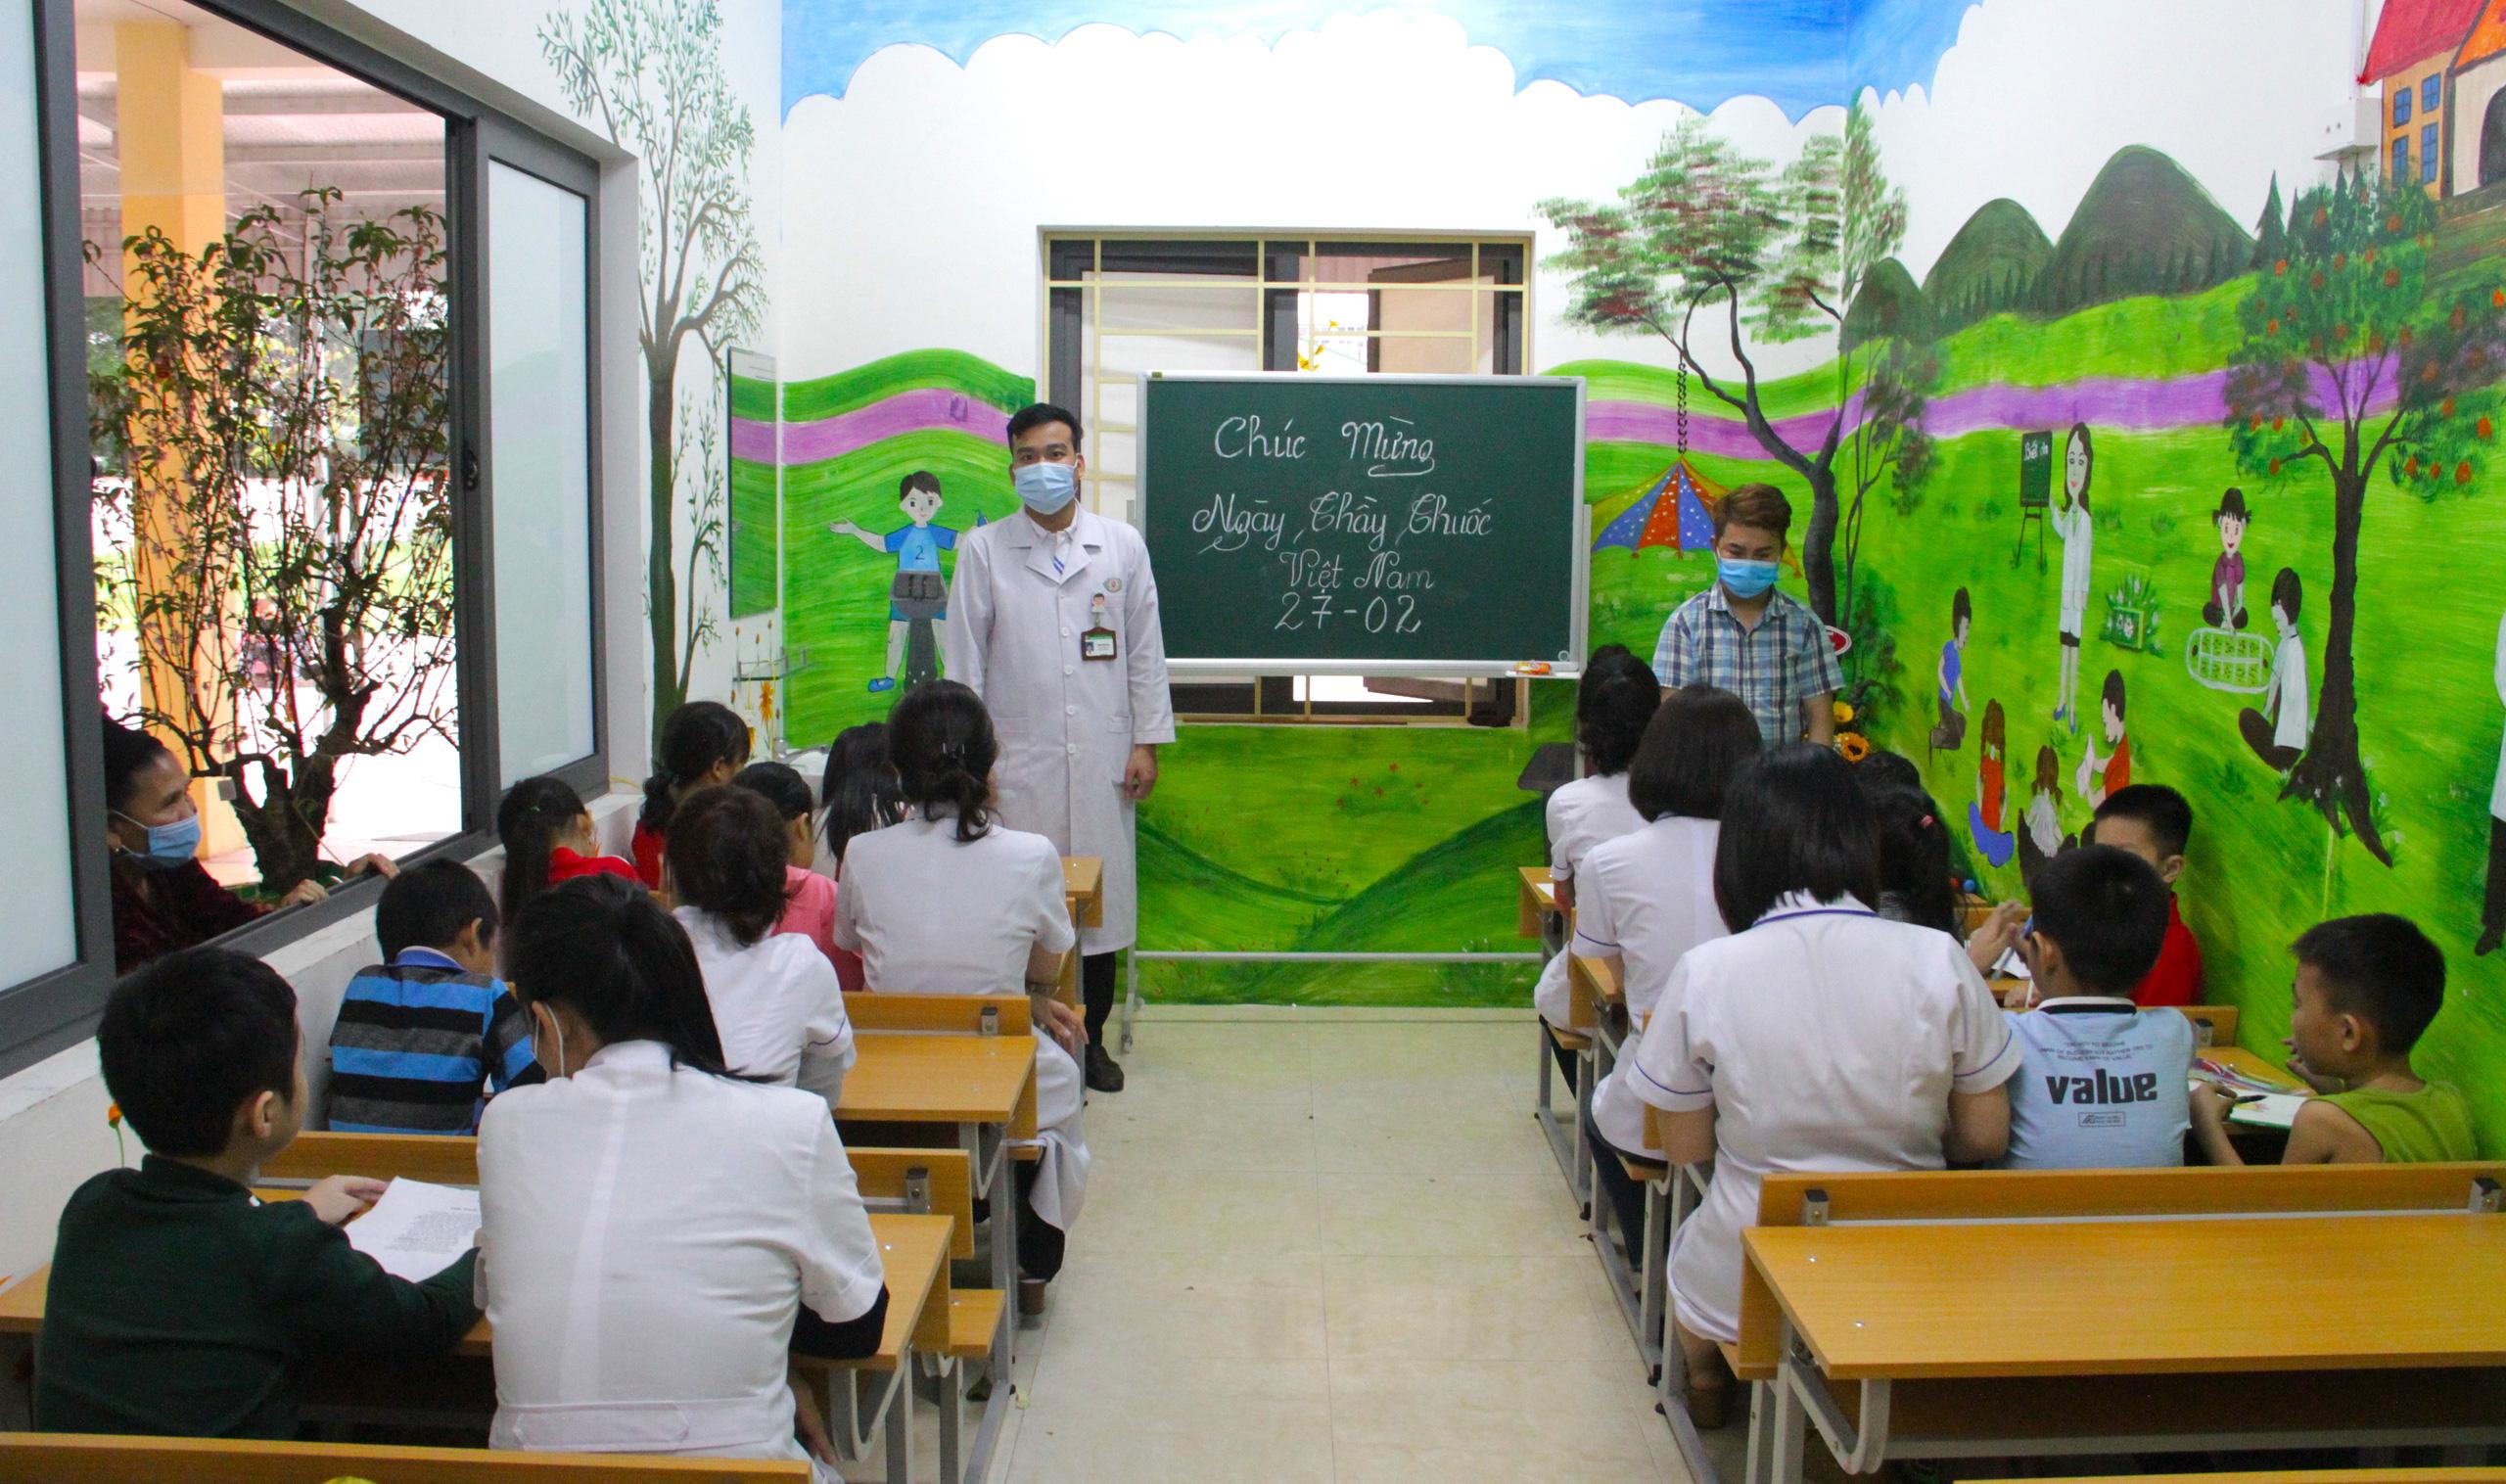 Lớp học đặc biệt trong trung tâm truyền máu, thầy cô là những người khoác áo blouse trắng - Ảnh 1.